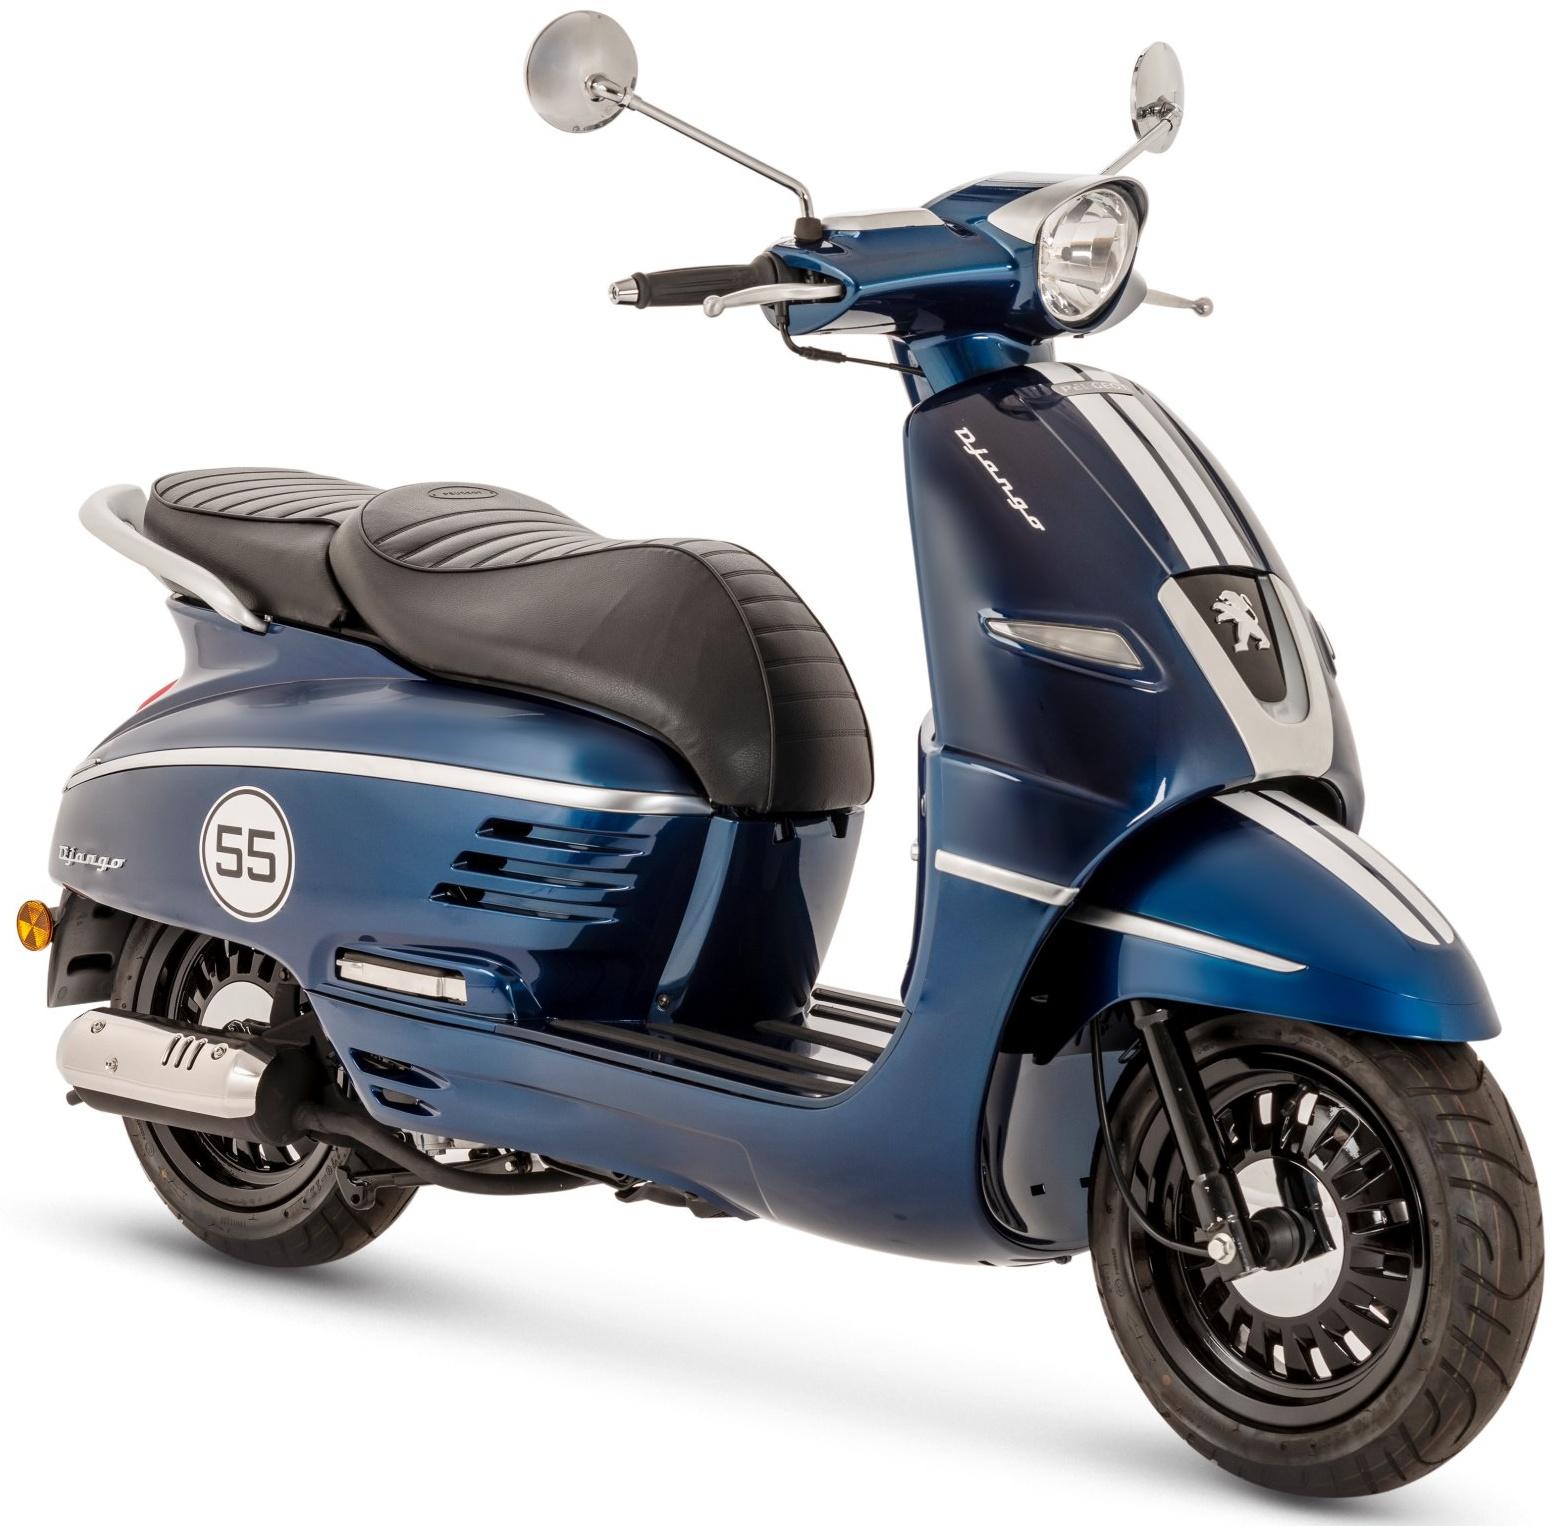 5789e15b8c13 Peugeot Motocycles CZ - skútry Peugeot - scooters.cz